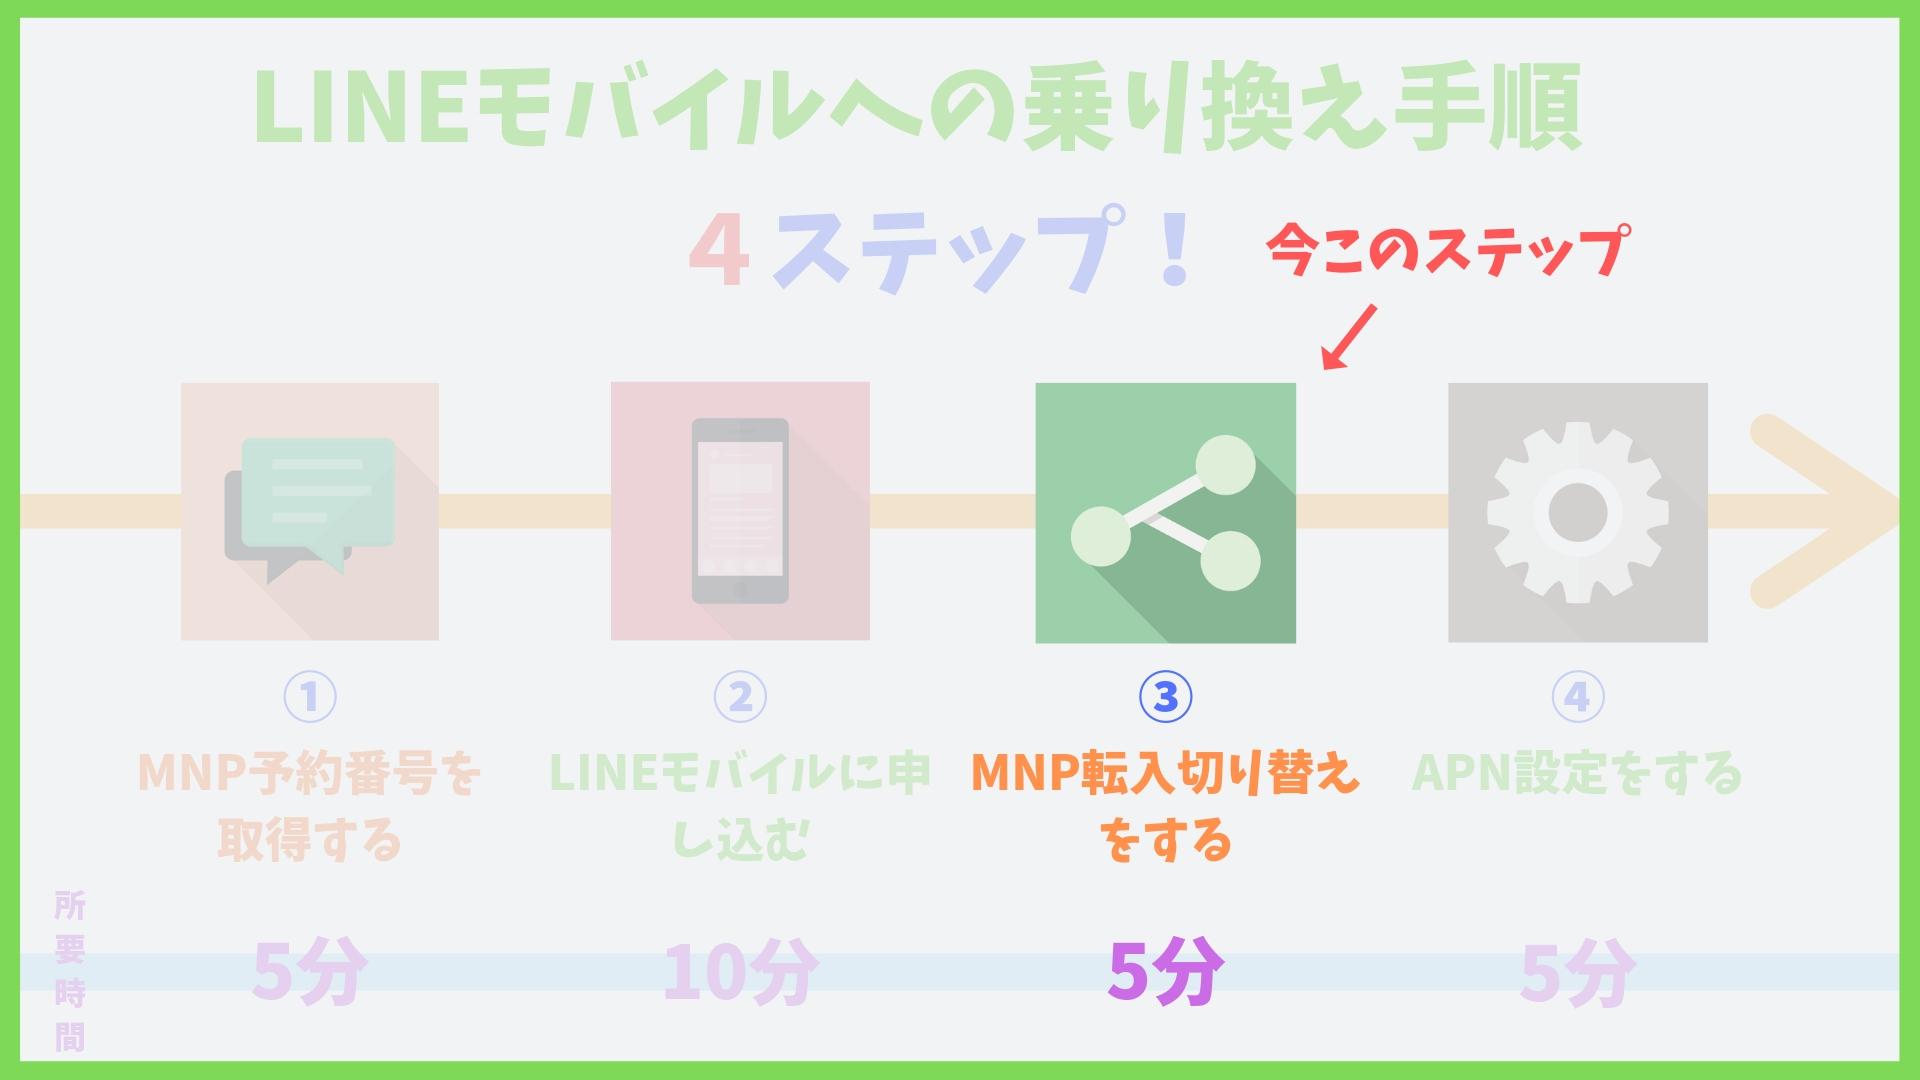 LINEモバイルMNP転入手続き方法